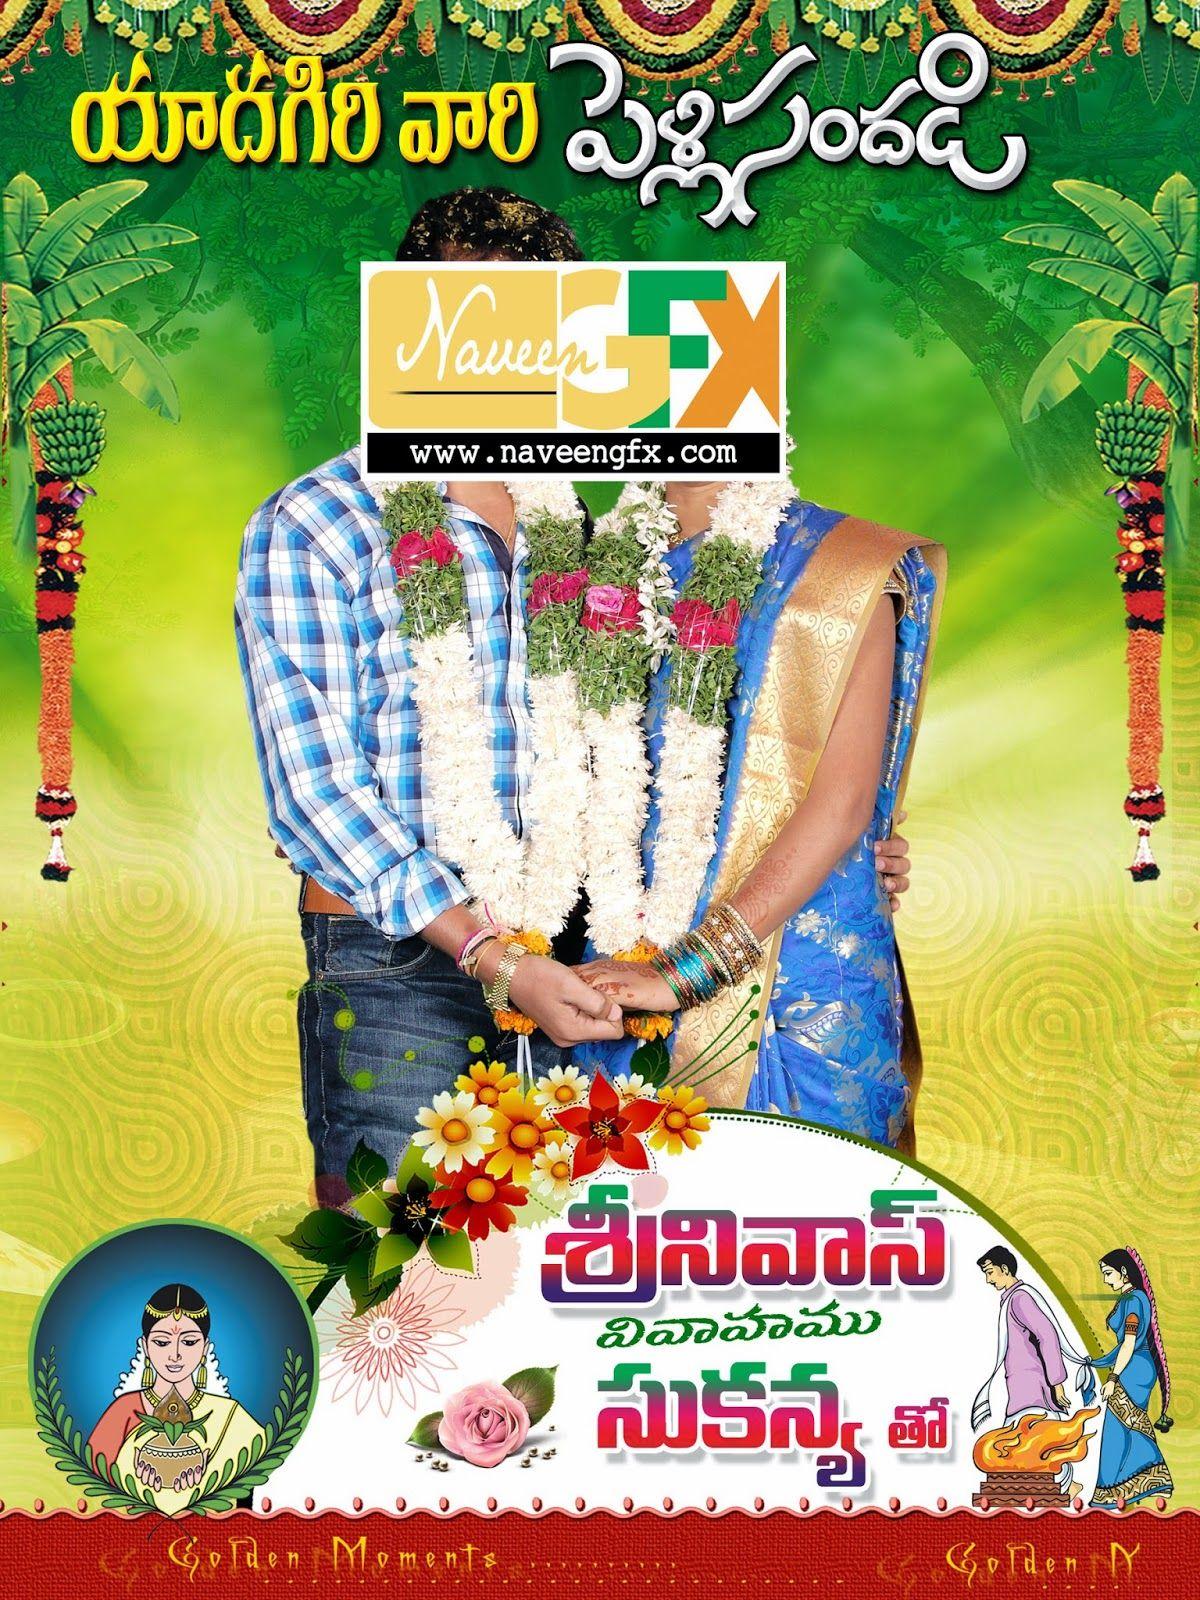 Wedding Flex Banner Design Psd Template Free Downloads Naveengfx Com Wedding Banner Design Flex Banner Design Free Printable Wedding Invitations